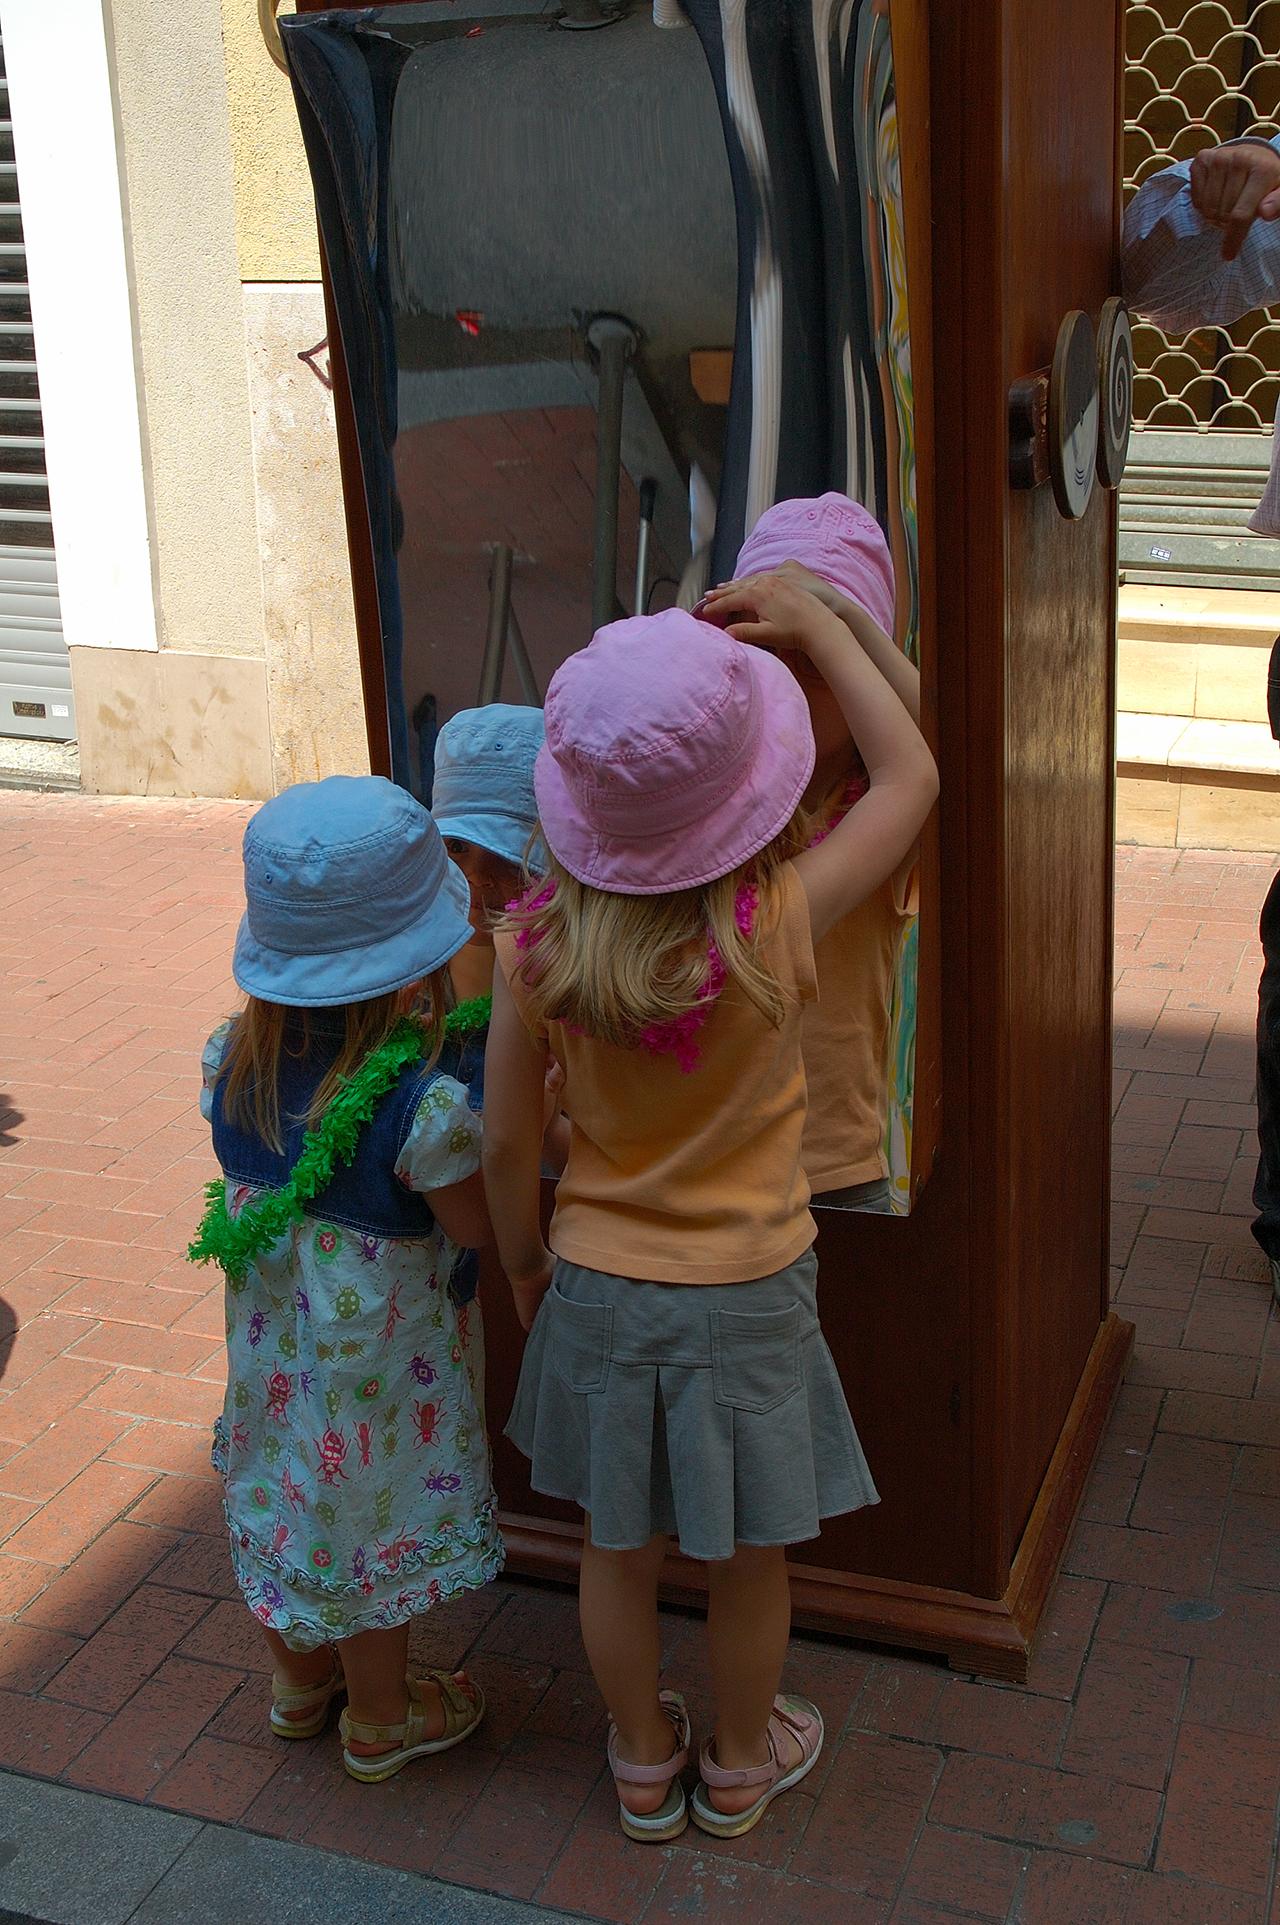 ogledalo i devojčice